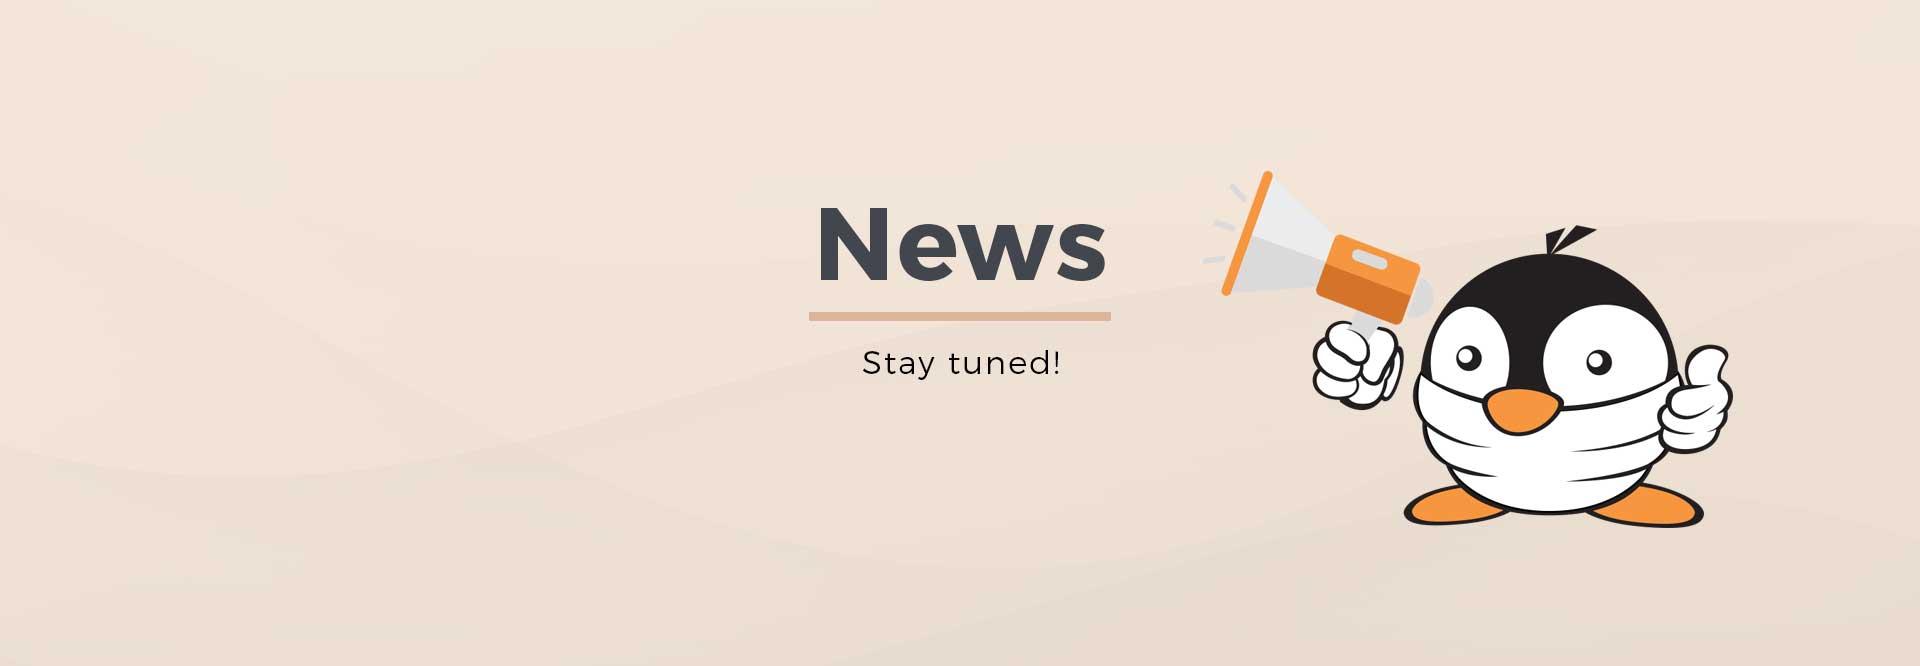 en-header-news